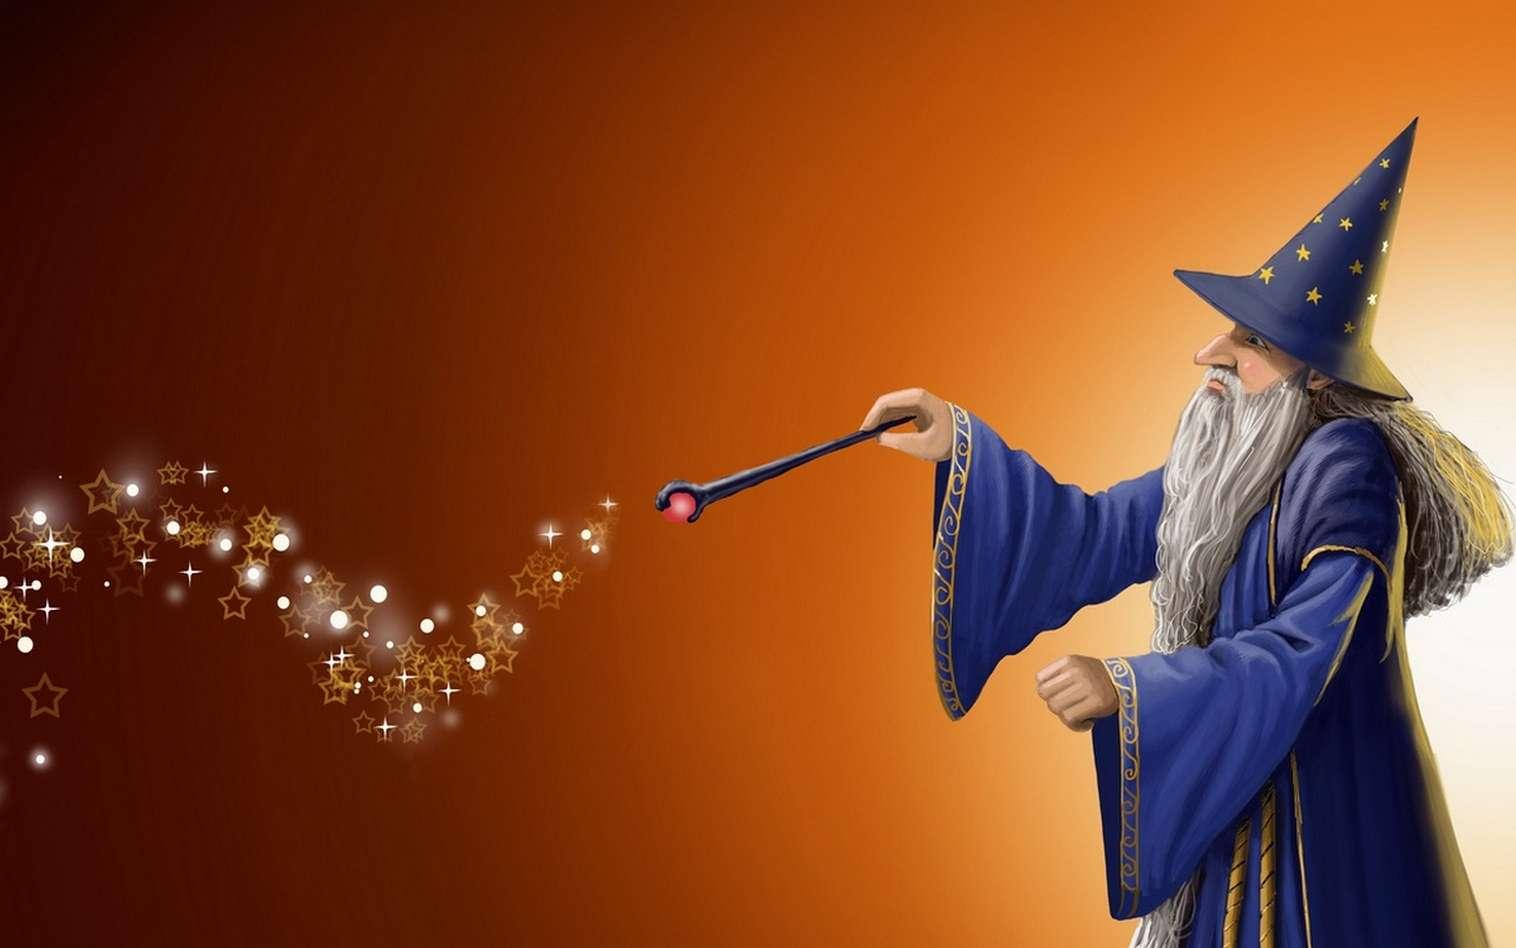 Les fanfictions inspirées d'Harry Potter sont nombreuses et plus ou moins réussies. Celle que vient de créer l'intelligence artificielle (IA) des studios Botnik est à ranger dans la catégorie loufoque. © Debbiejew, Fotolia